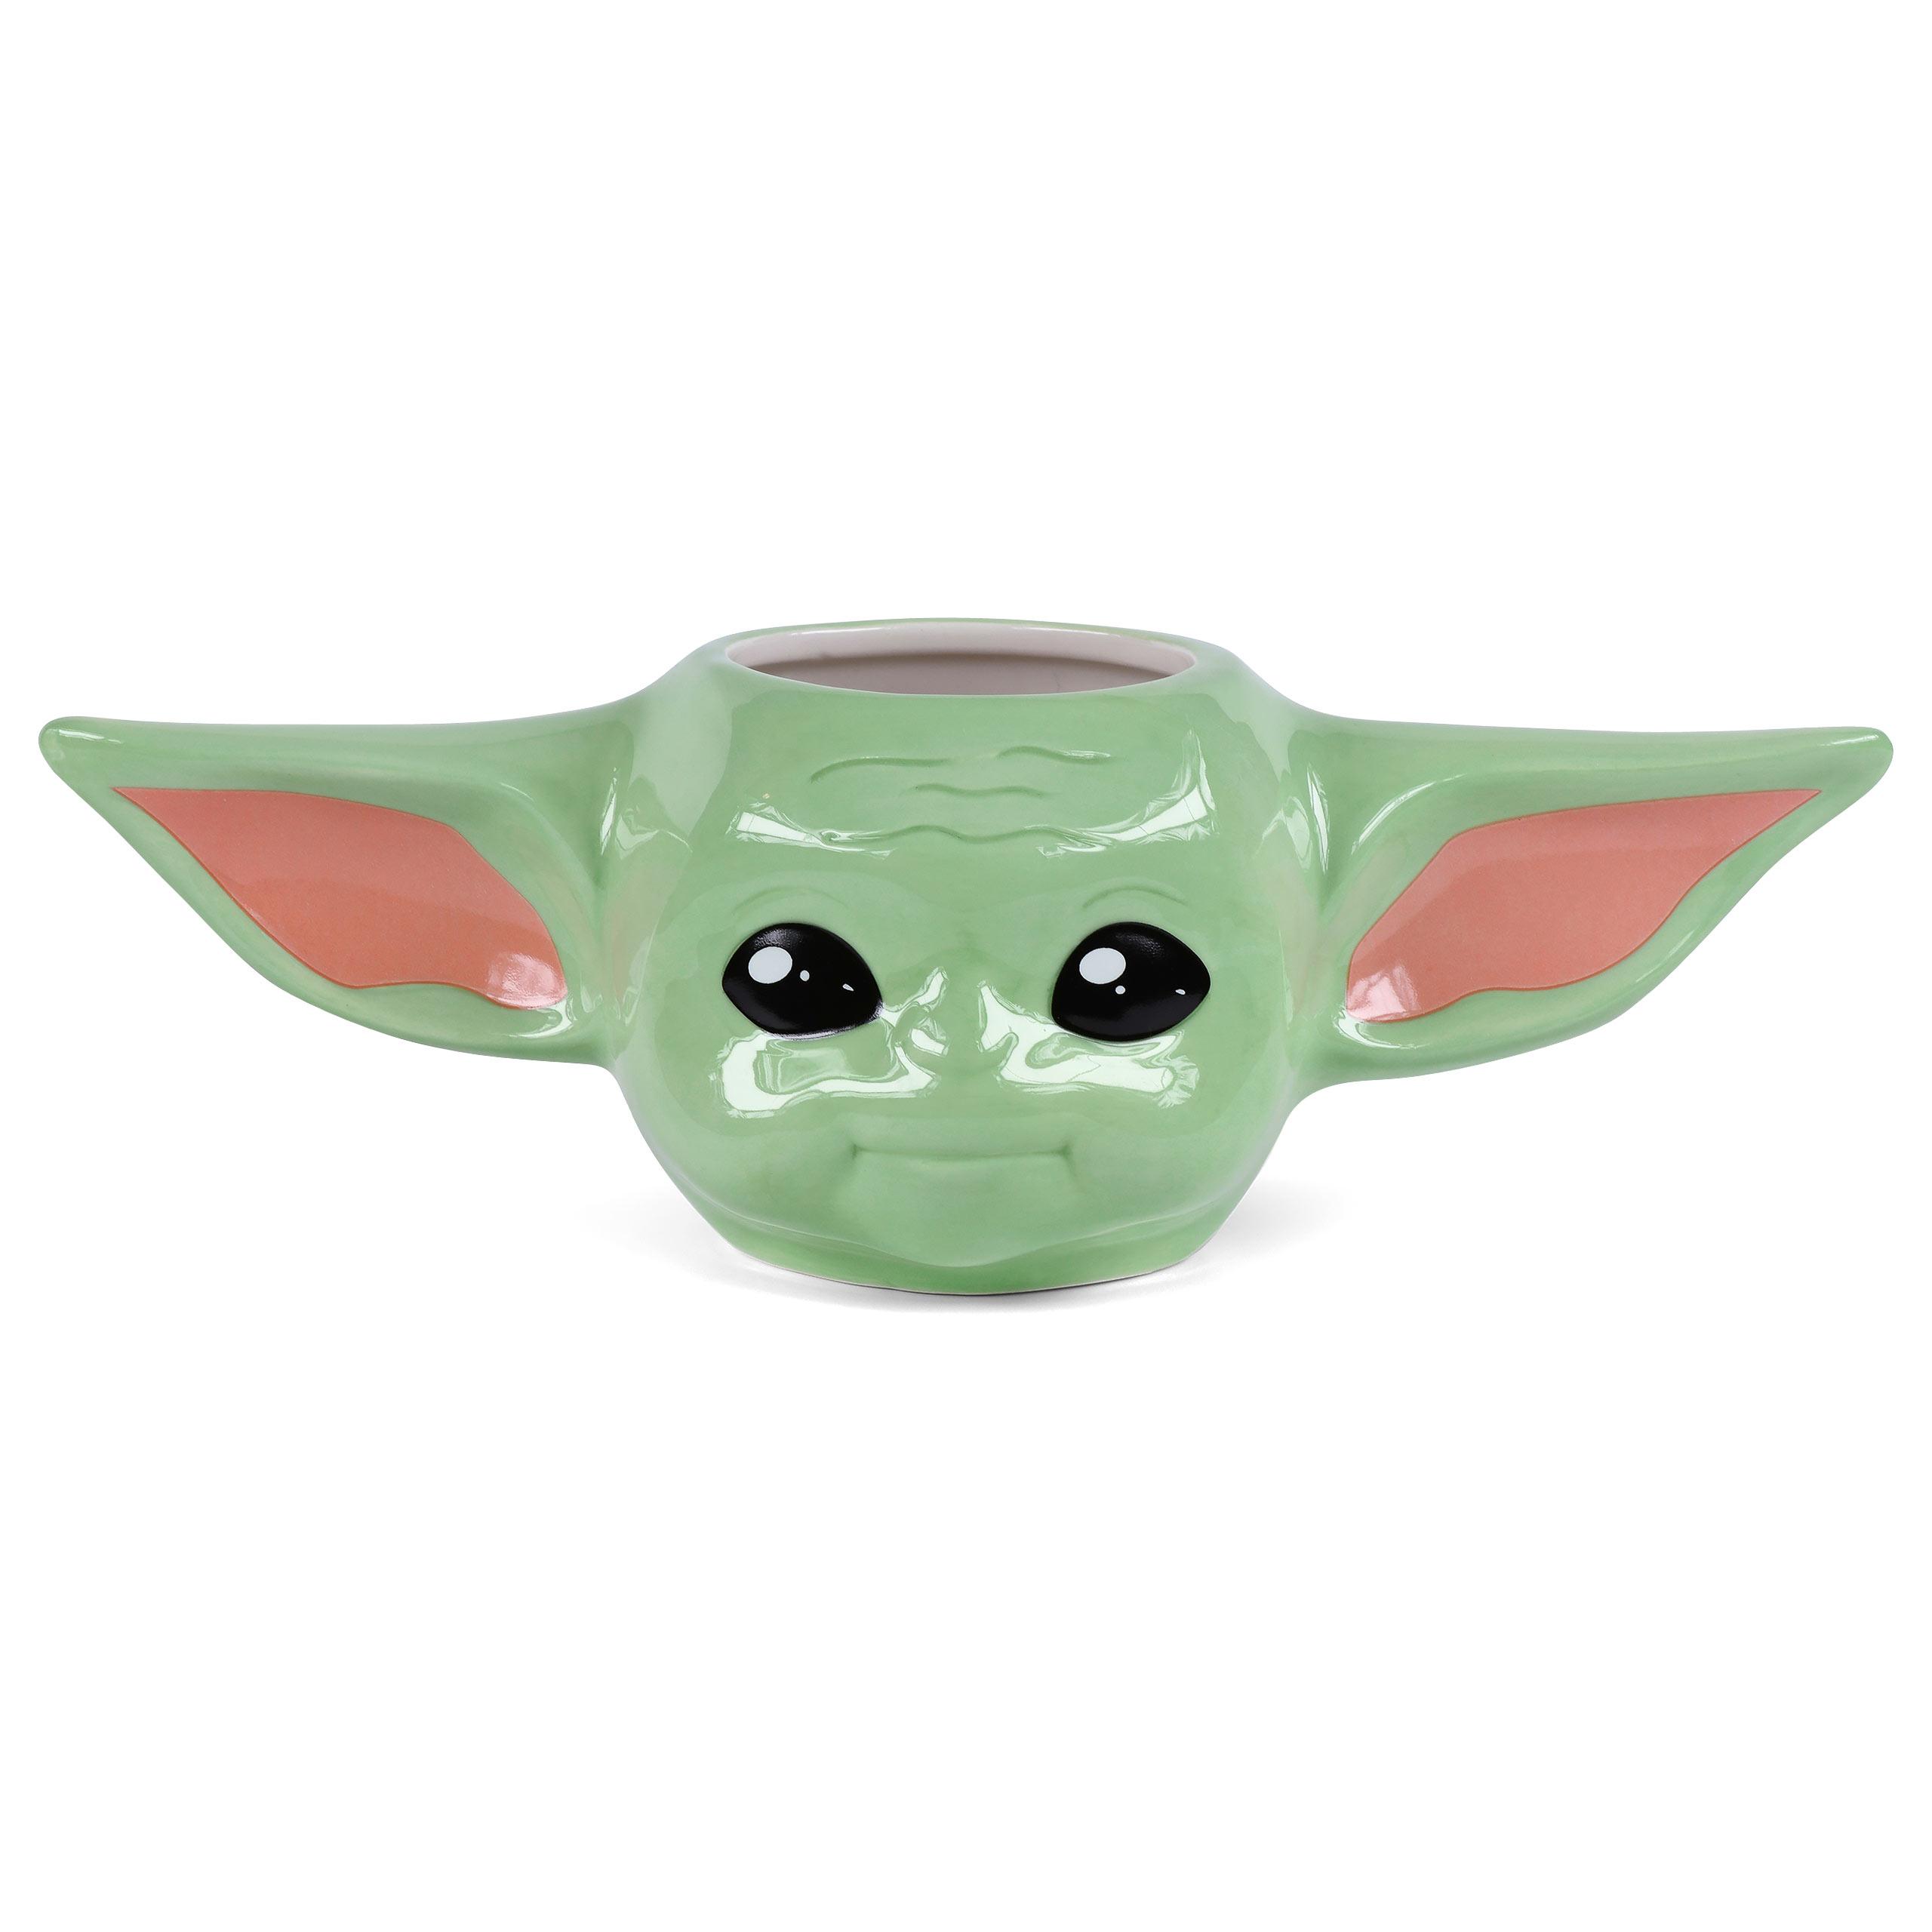 The Child 3D Becher - Star Wars The Mandalorian